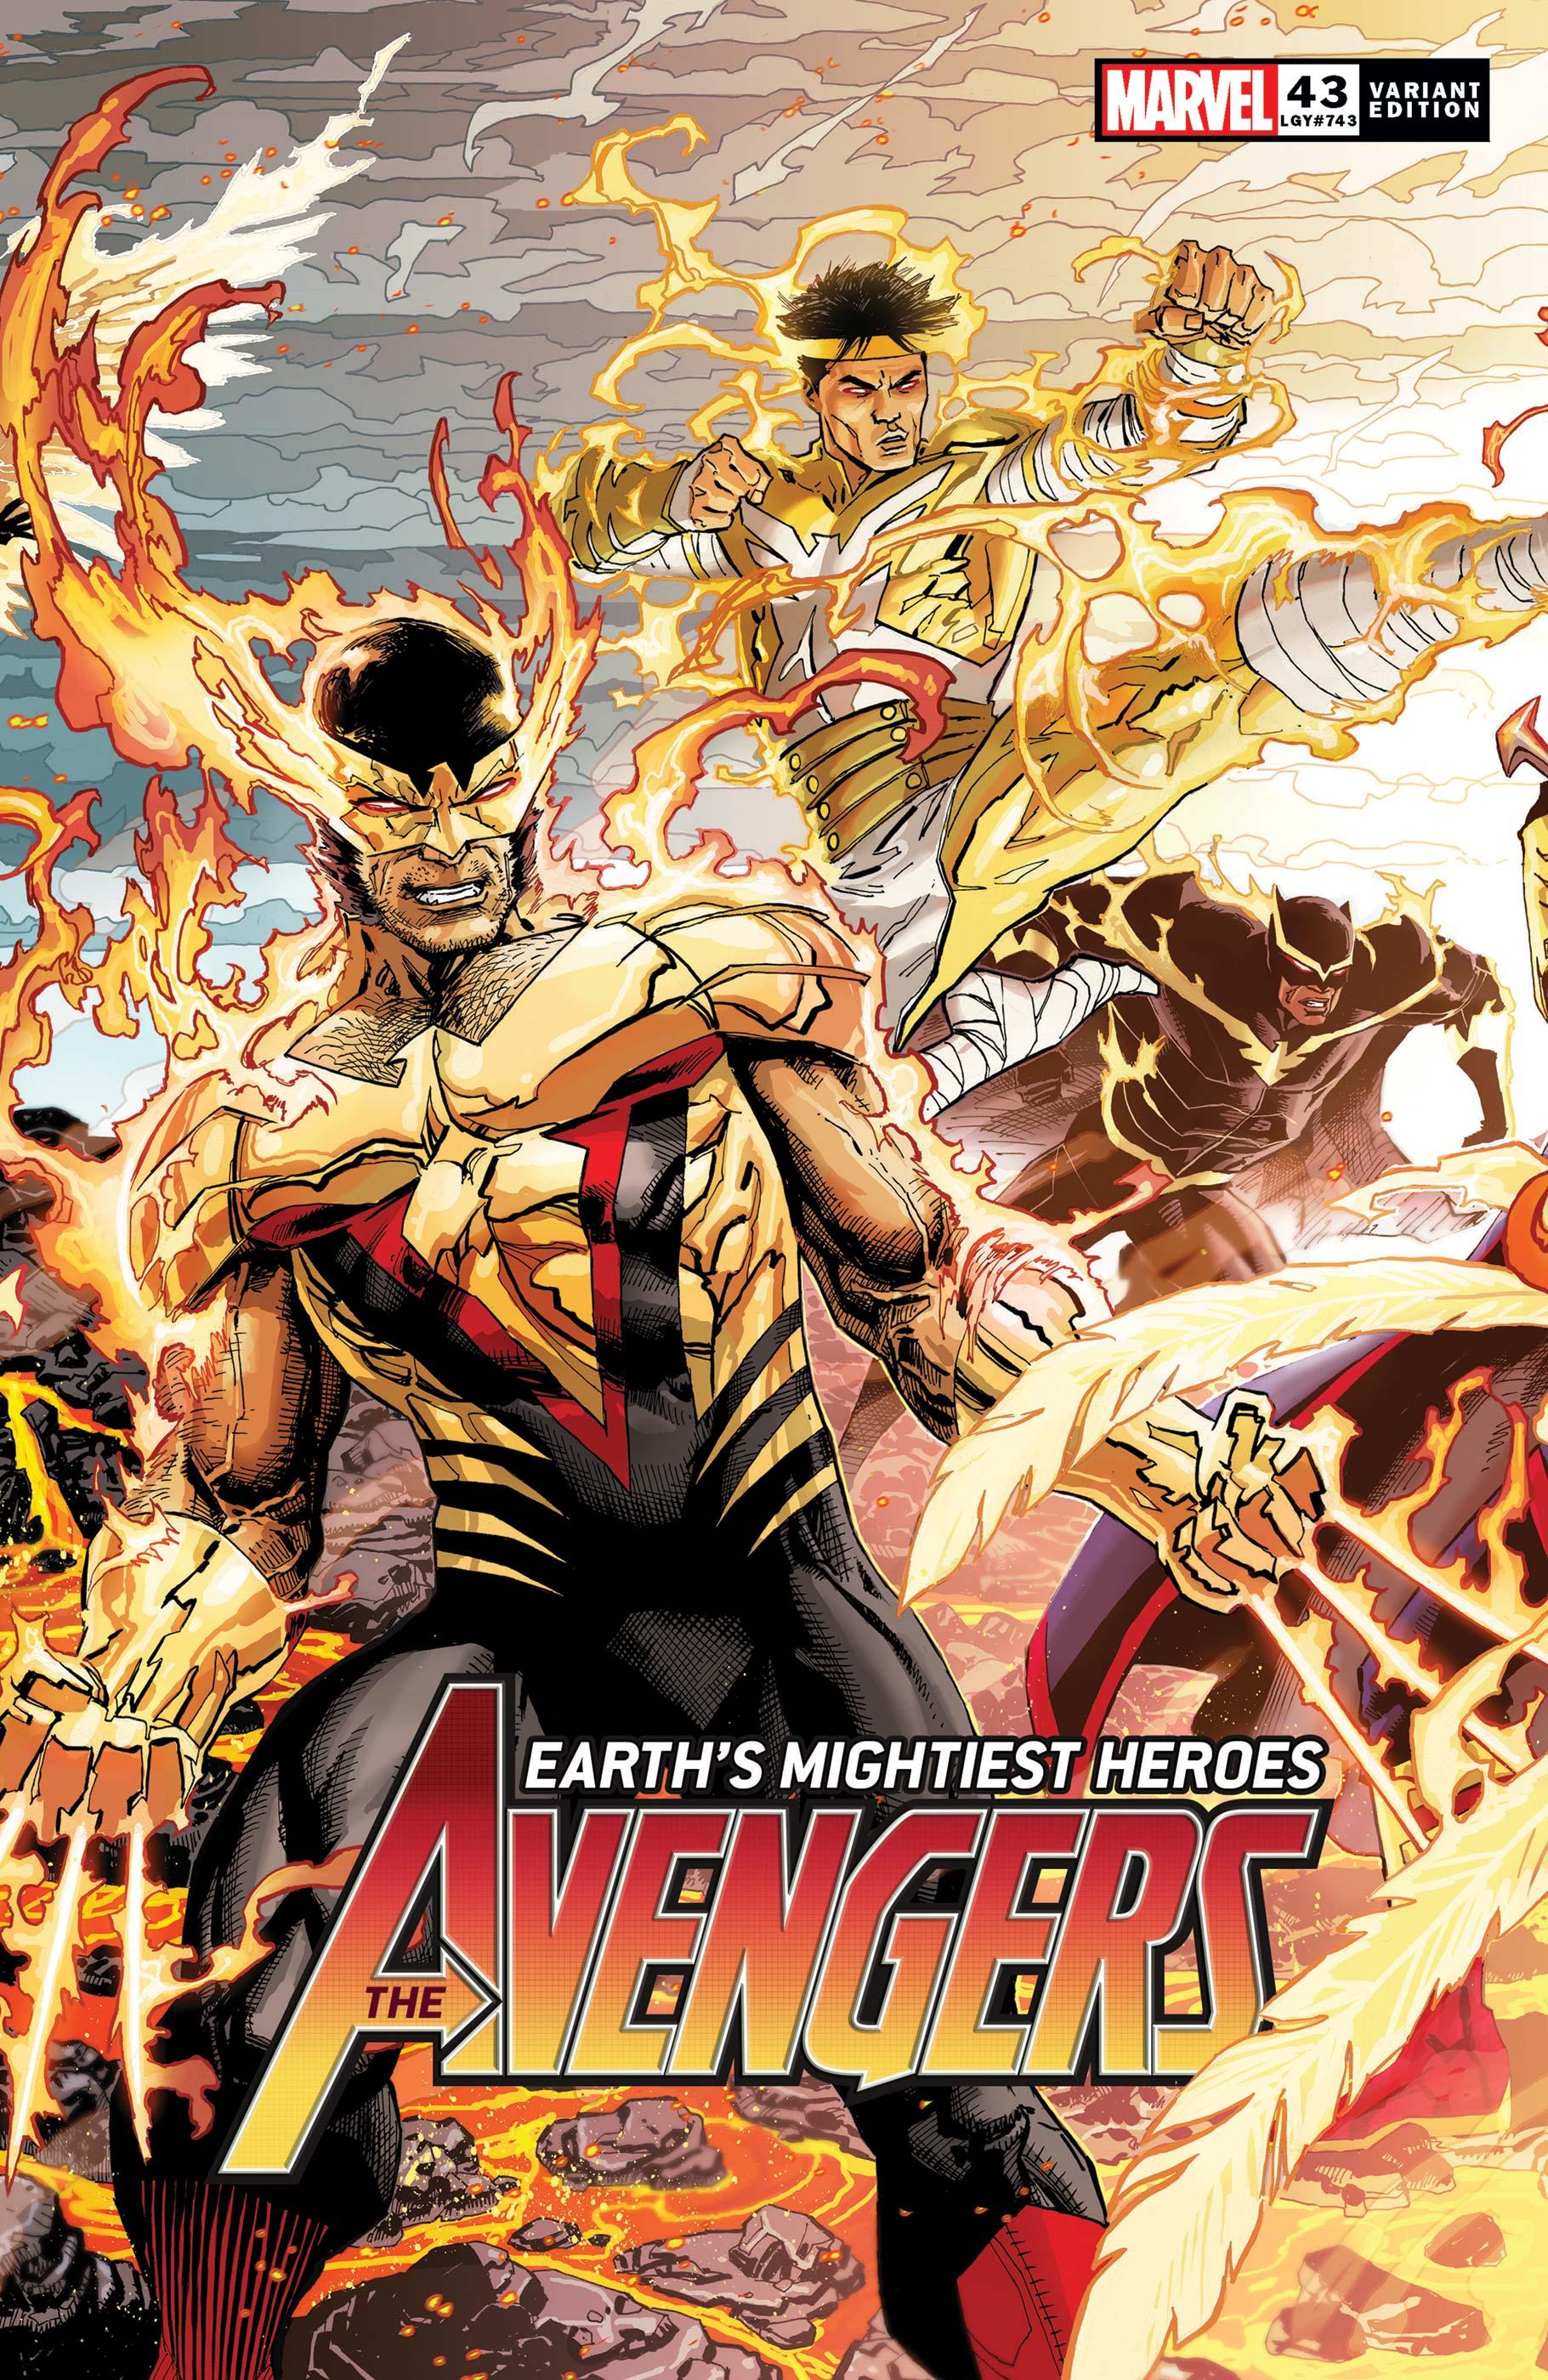 Avengers (2018) #43 (Variant)